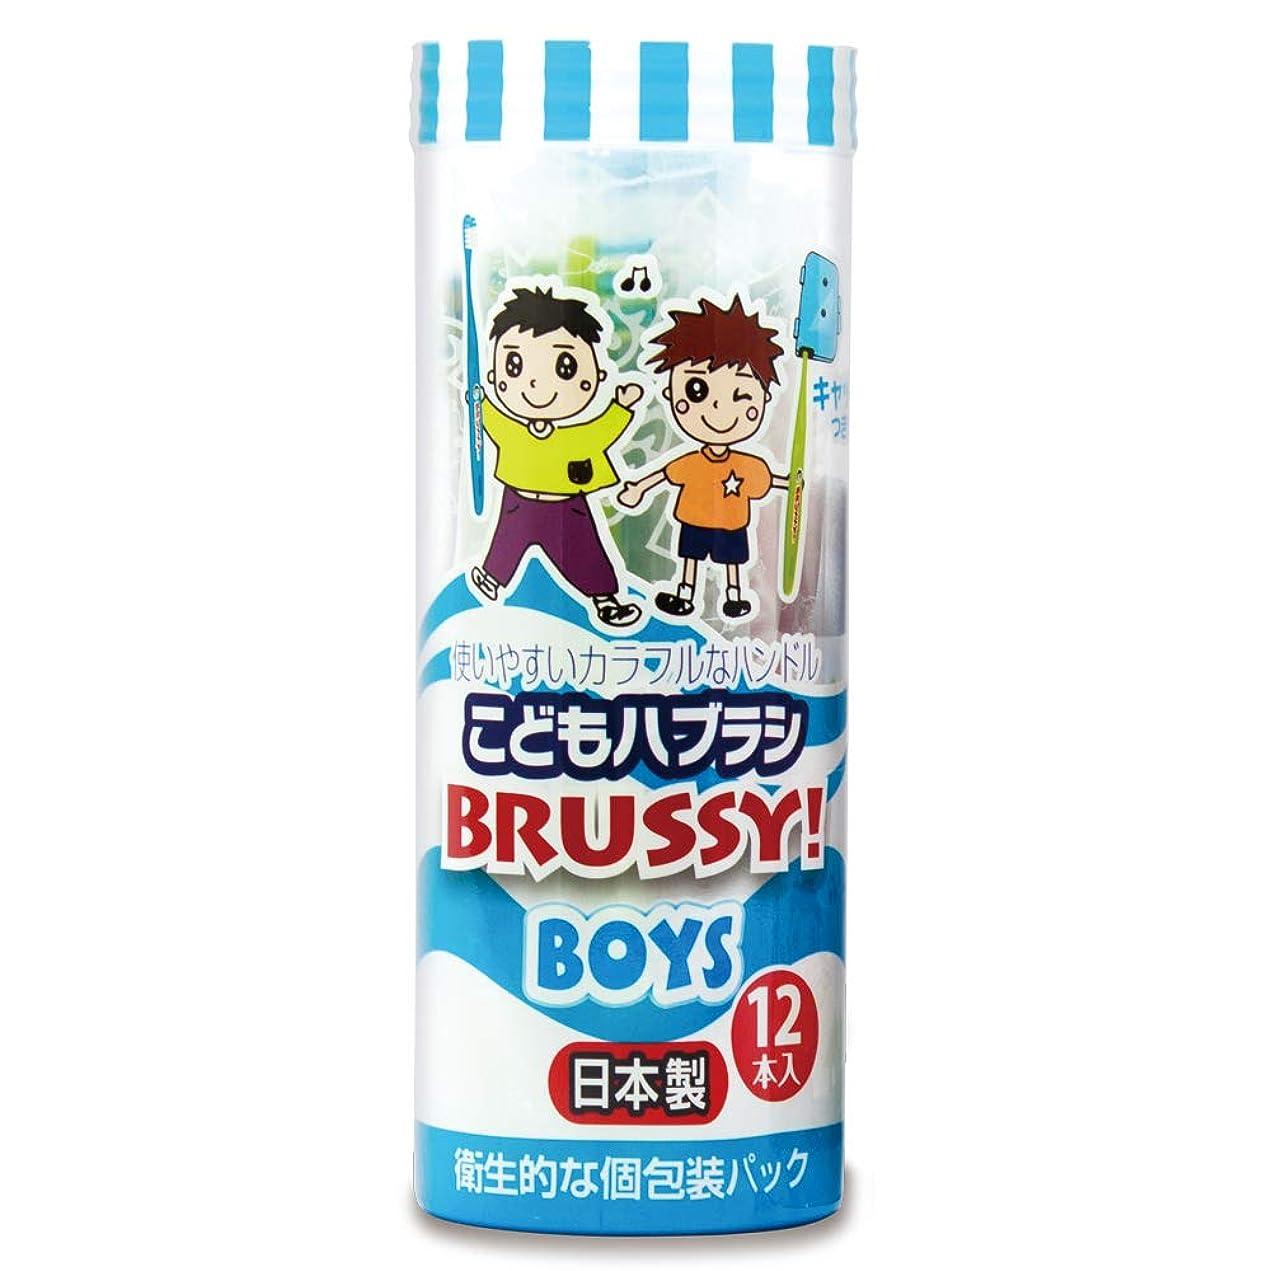 スタック無法者タフこどもハブラシ BRUSSY! BOYS 6色 12本セット